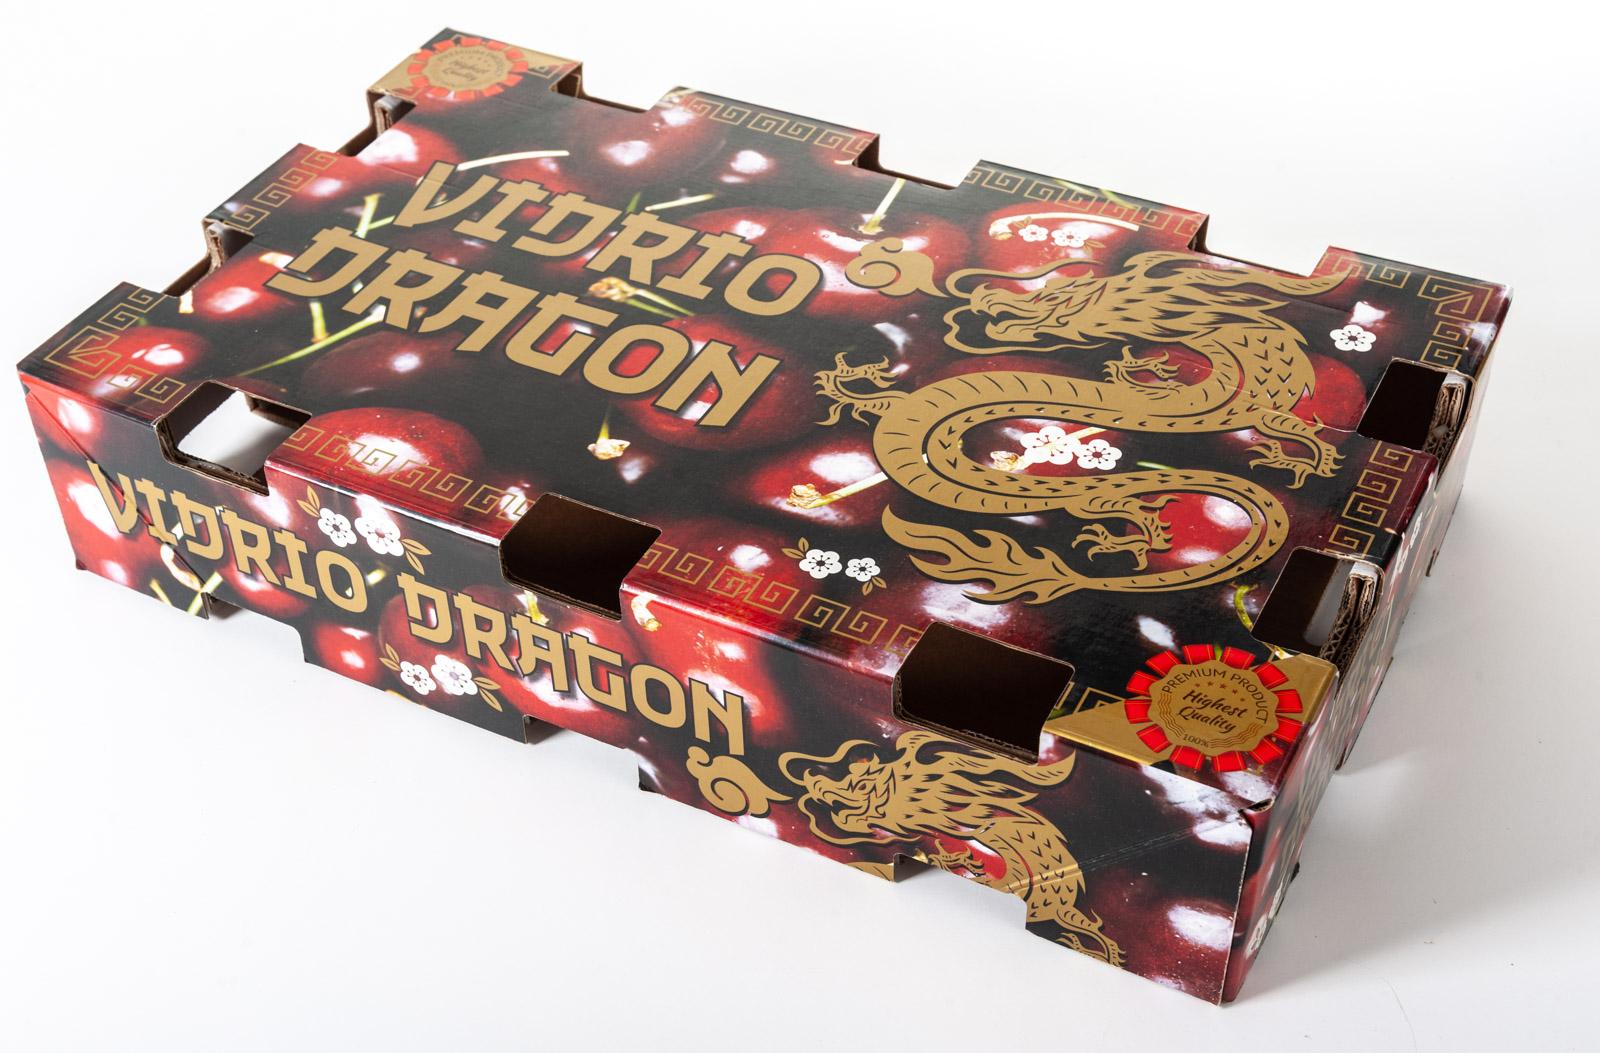 Diseño de envase Cereza Vidrio Dragon Exportación